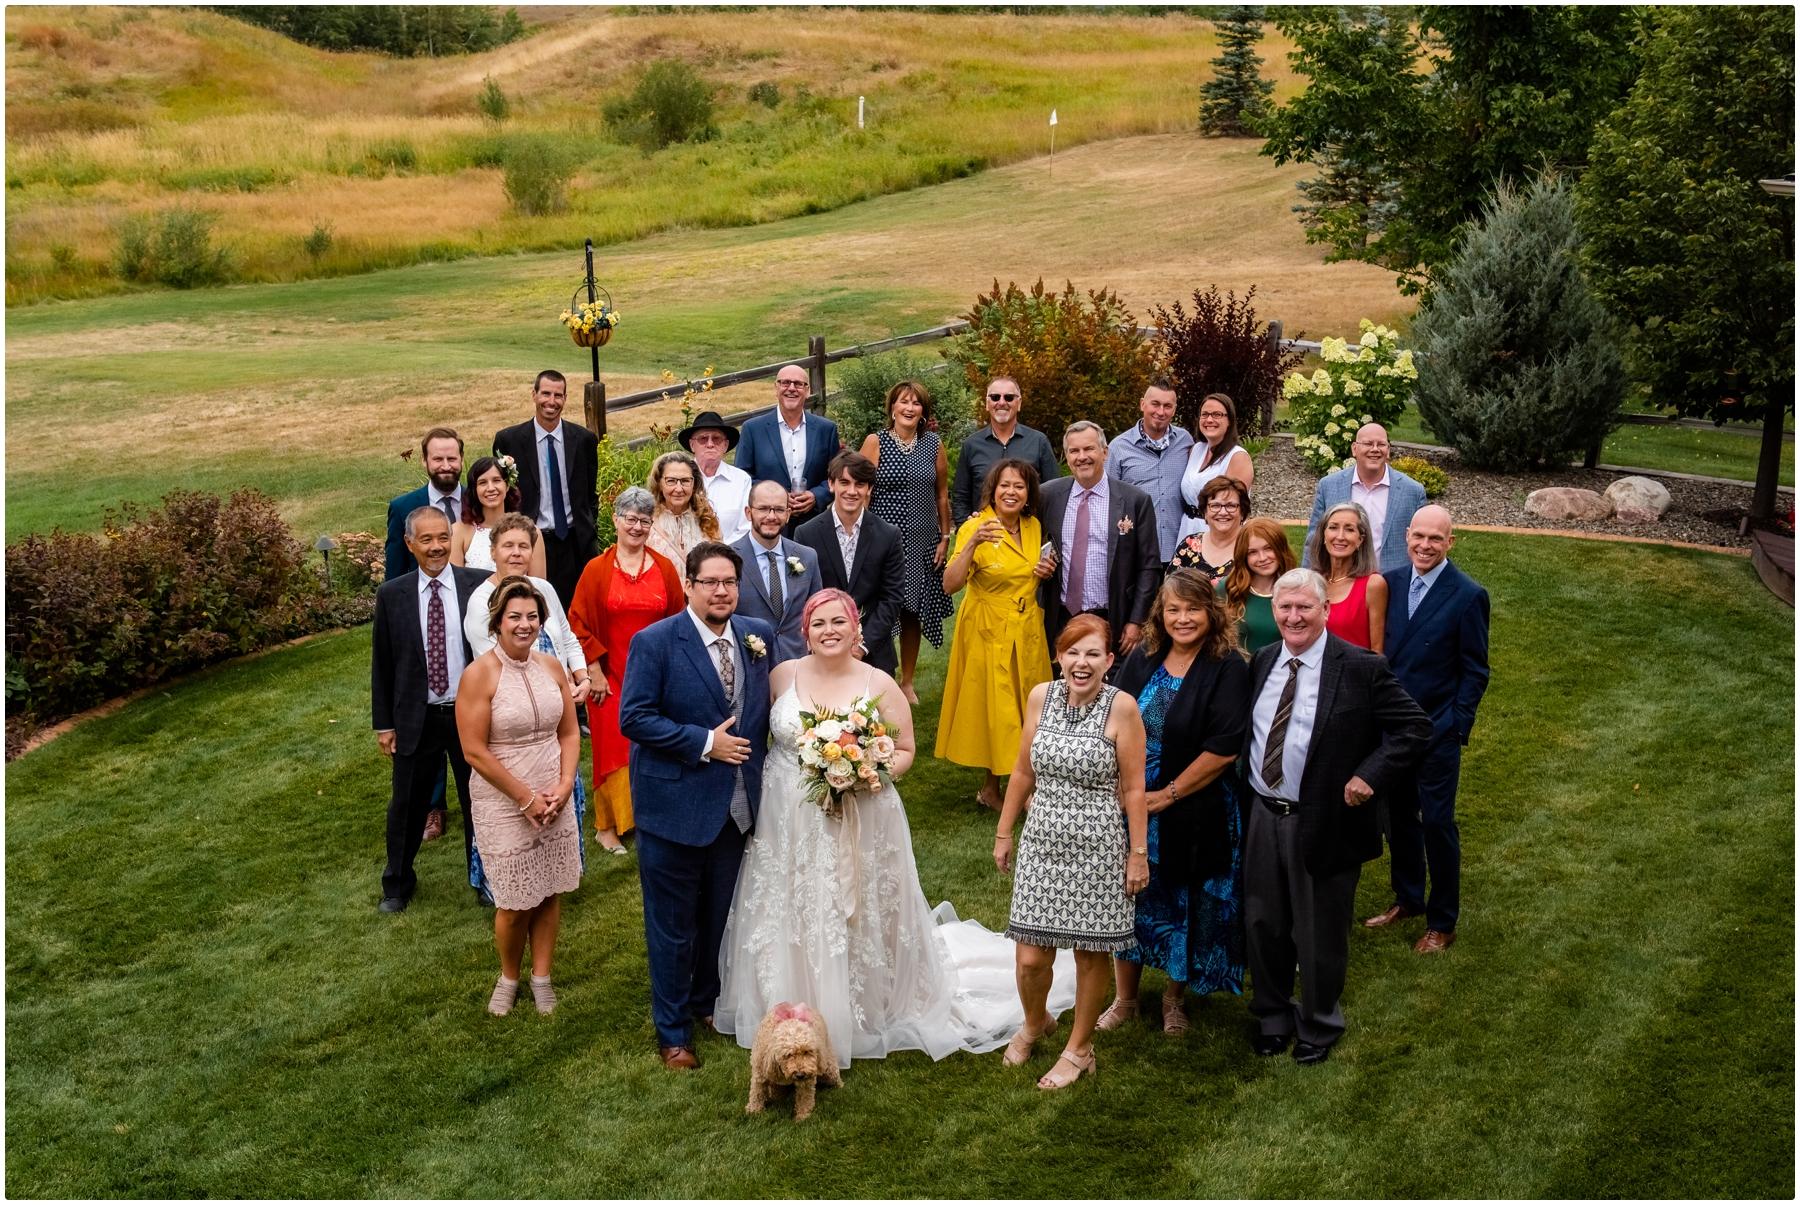 Calgary Wedding Photos - Garden Party Wedding Photos